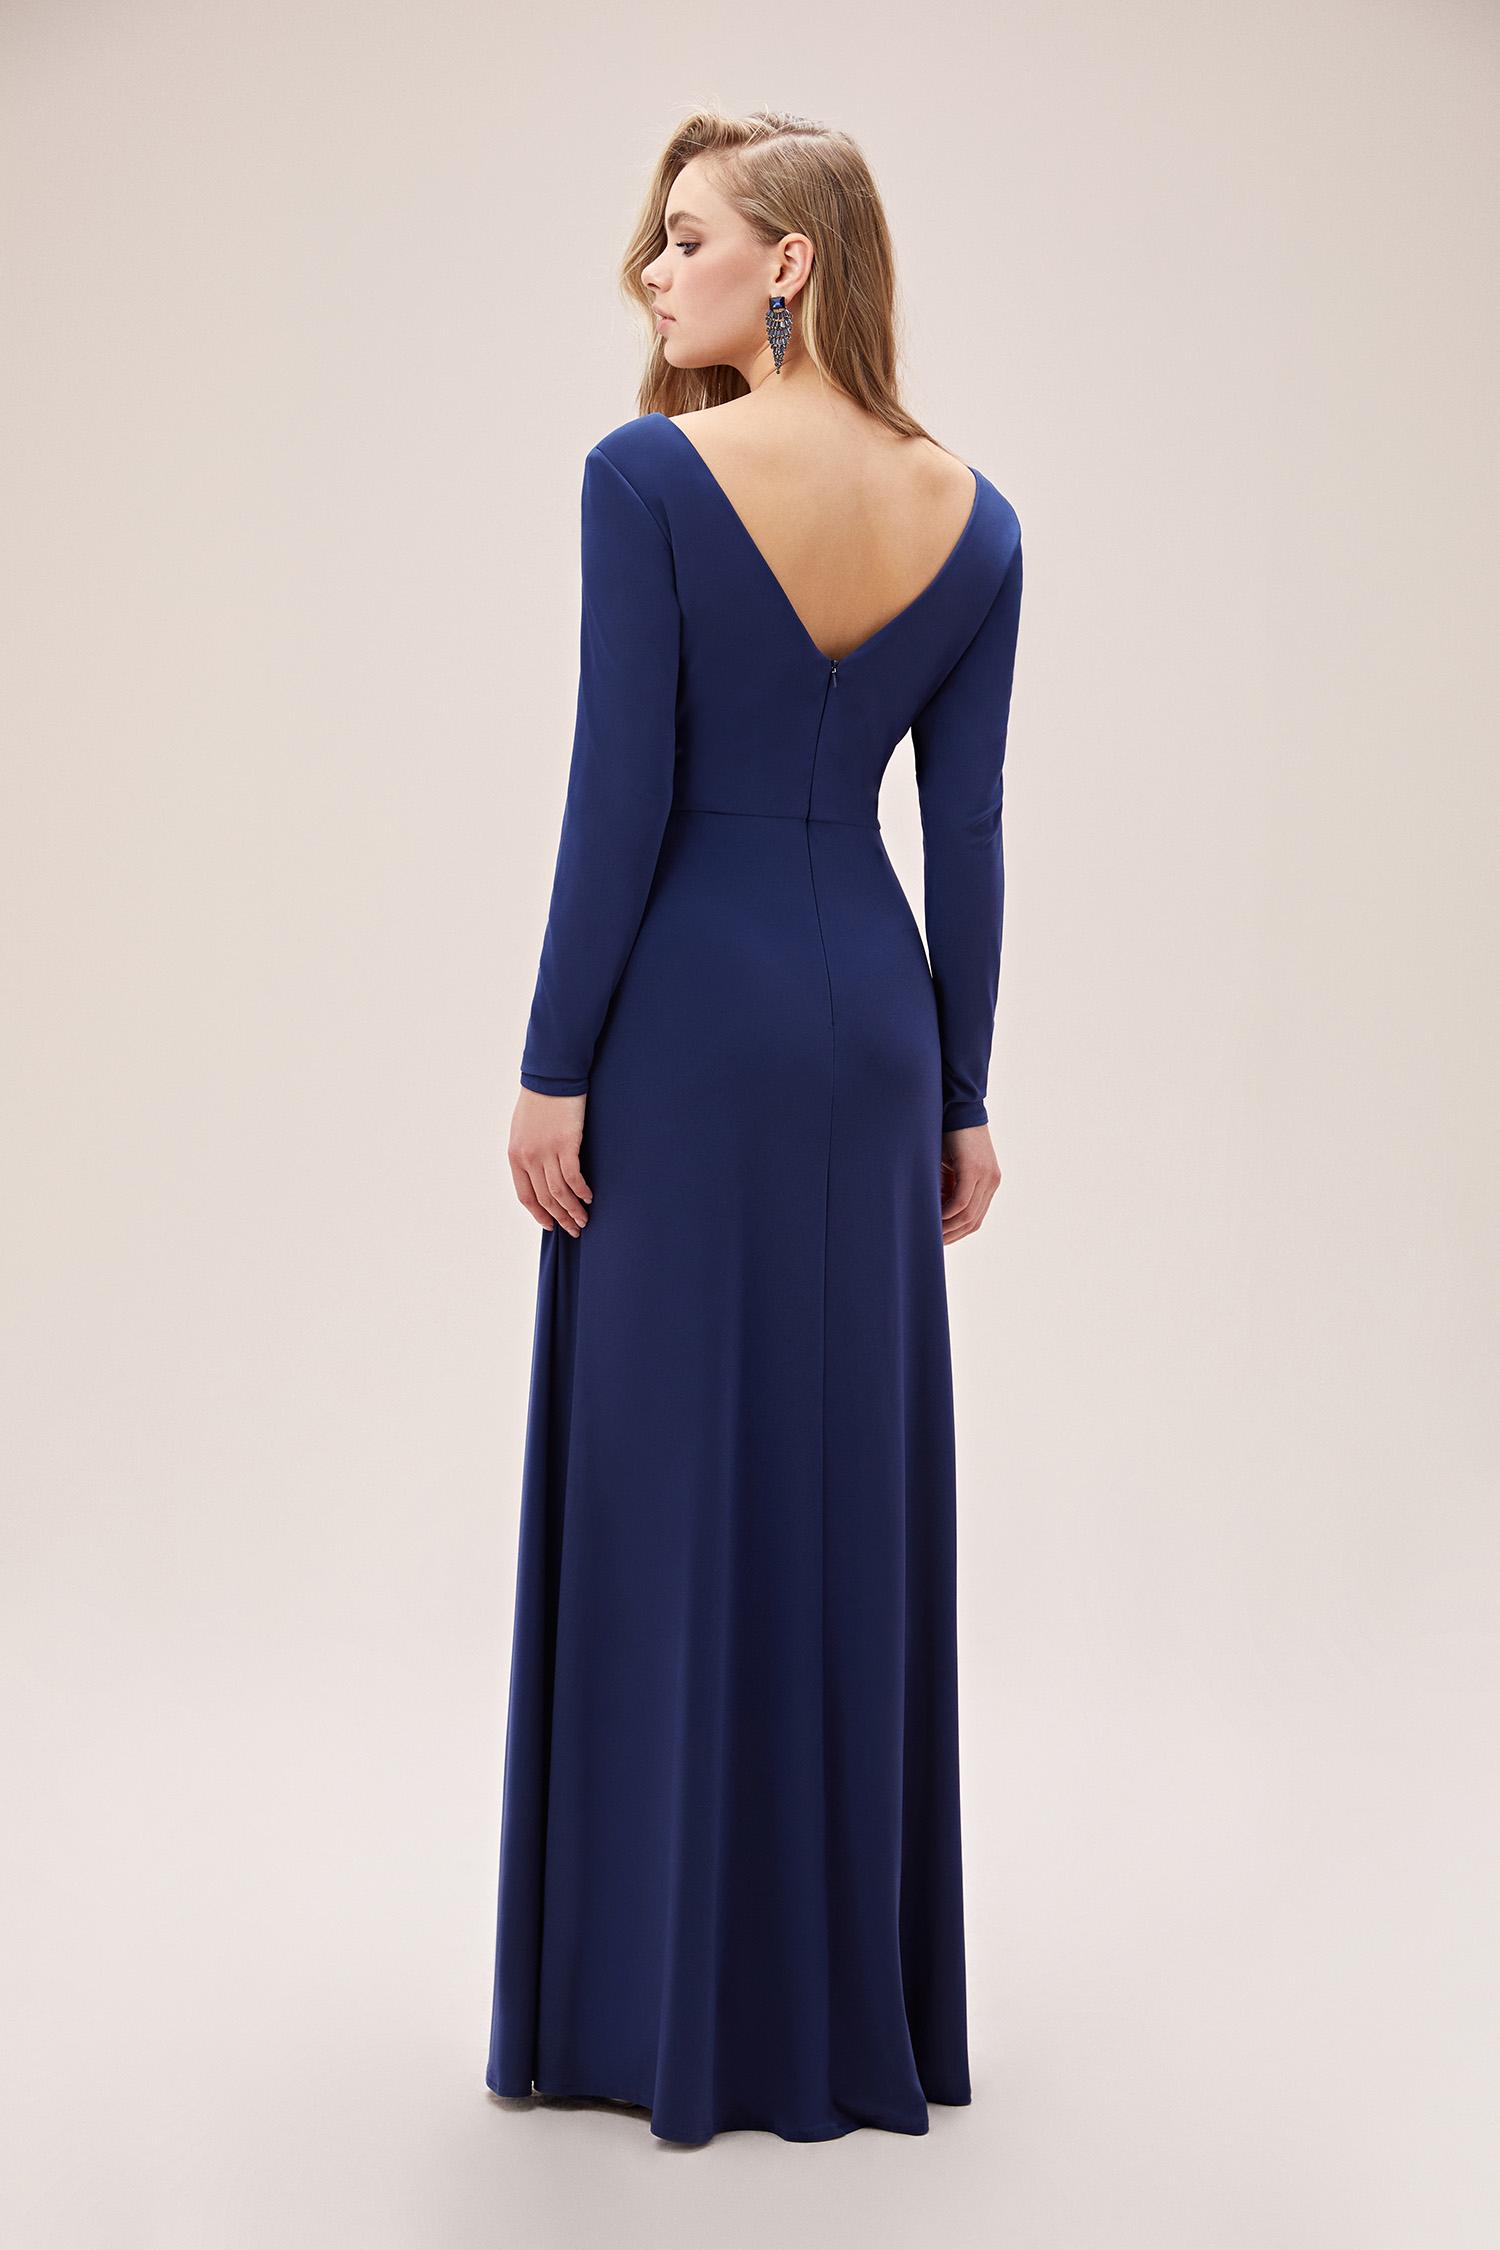 Gece Mavisi Uzun Kollu V Yaka Uzun Jarse Abiye Elbise - Thumbnail